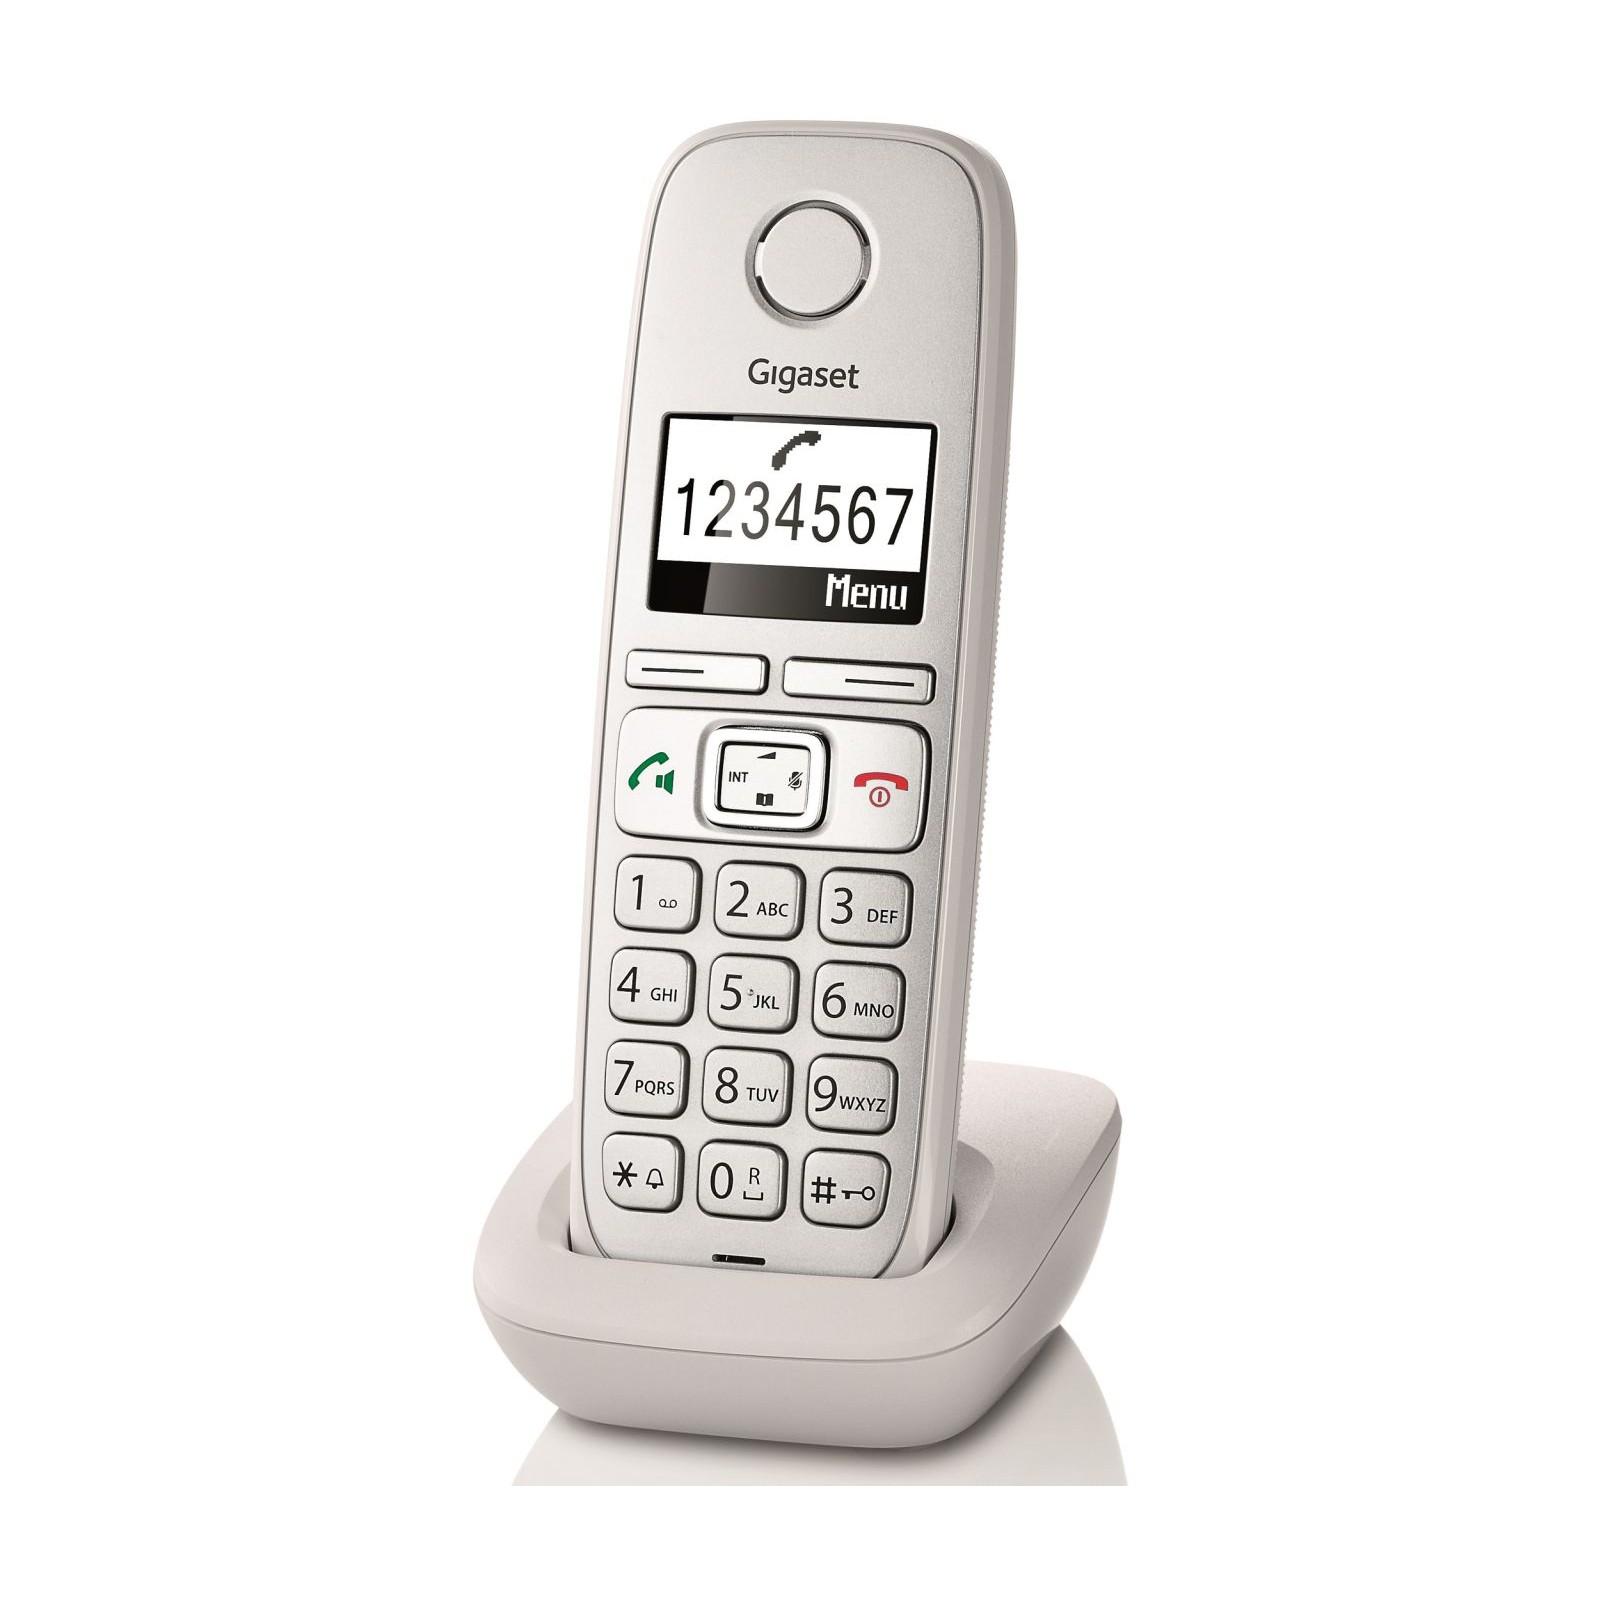 http://serwer1625144.home.pl/Telefon%20stacjonarny/Gigaset%20E310H/1.jpg